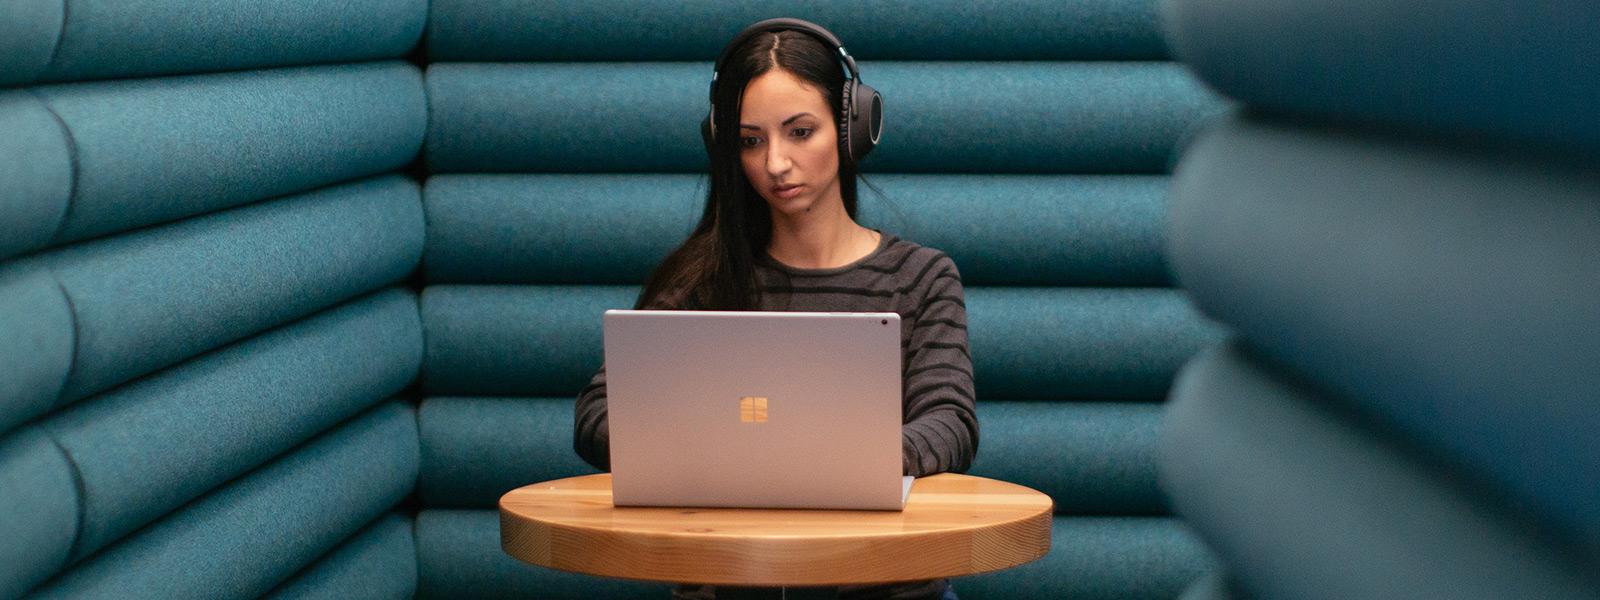 Žena sedí ticho osamote, má na ušiach slúchadlá a pracuje na svojom počítači so systémom Windows 10